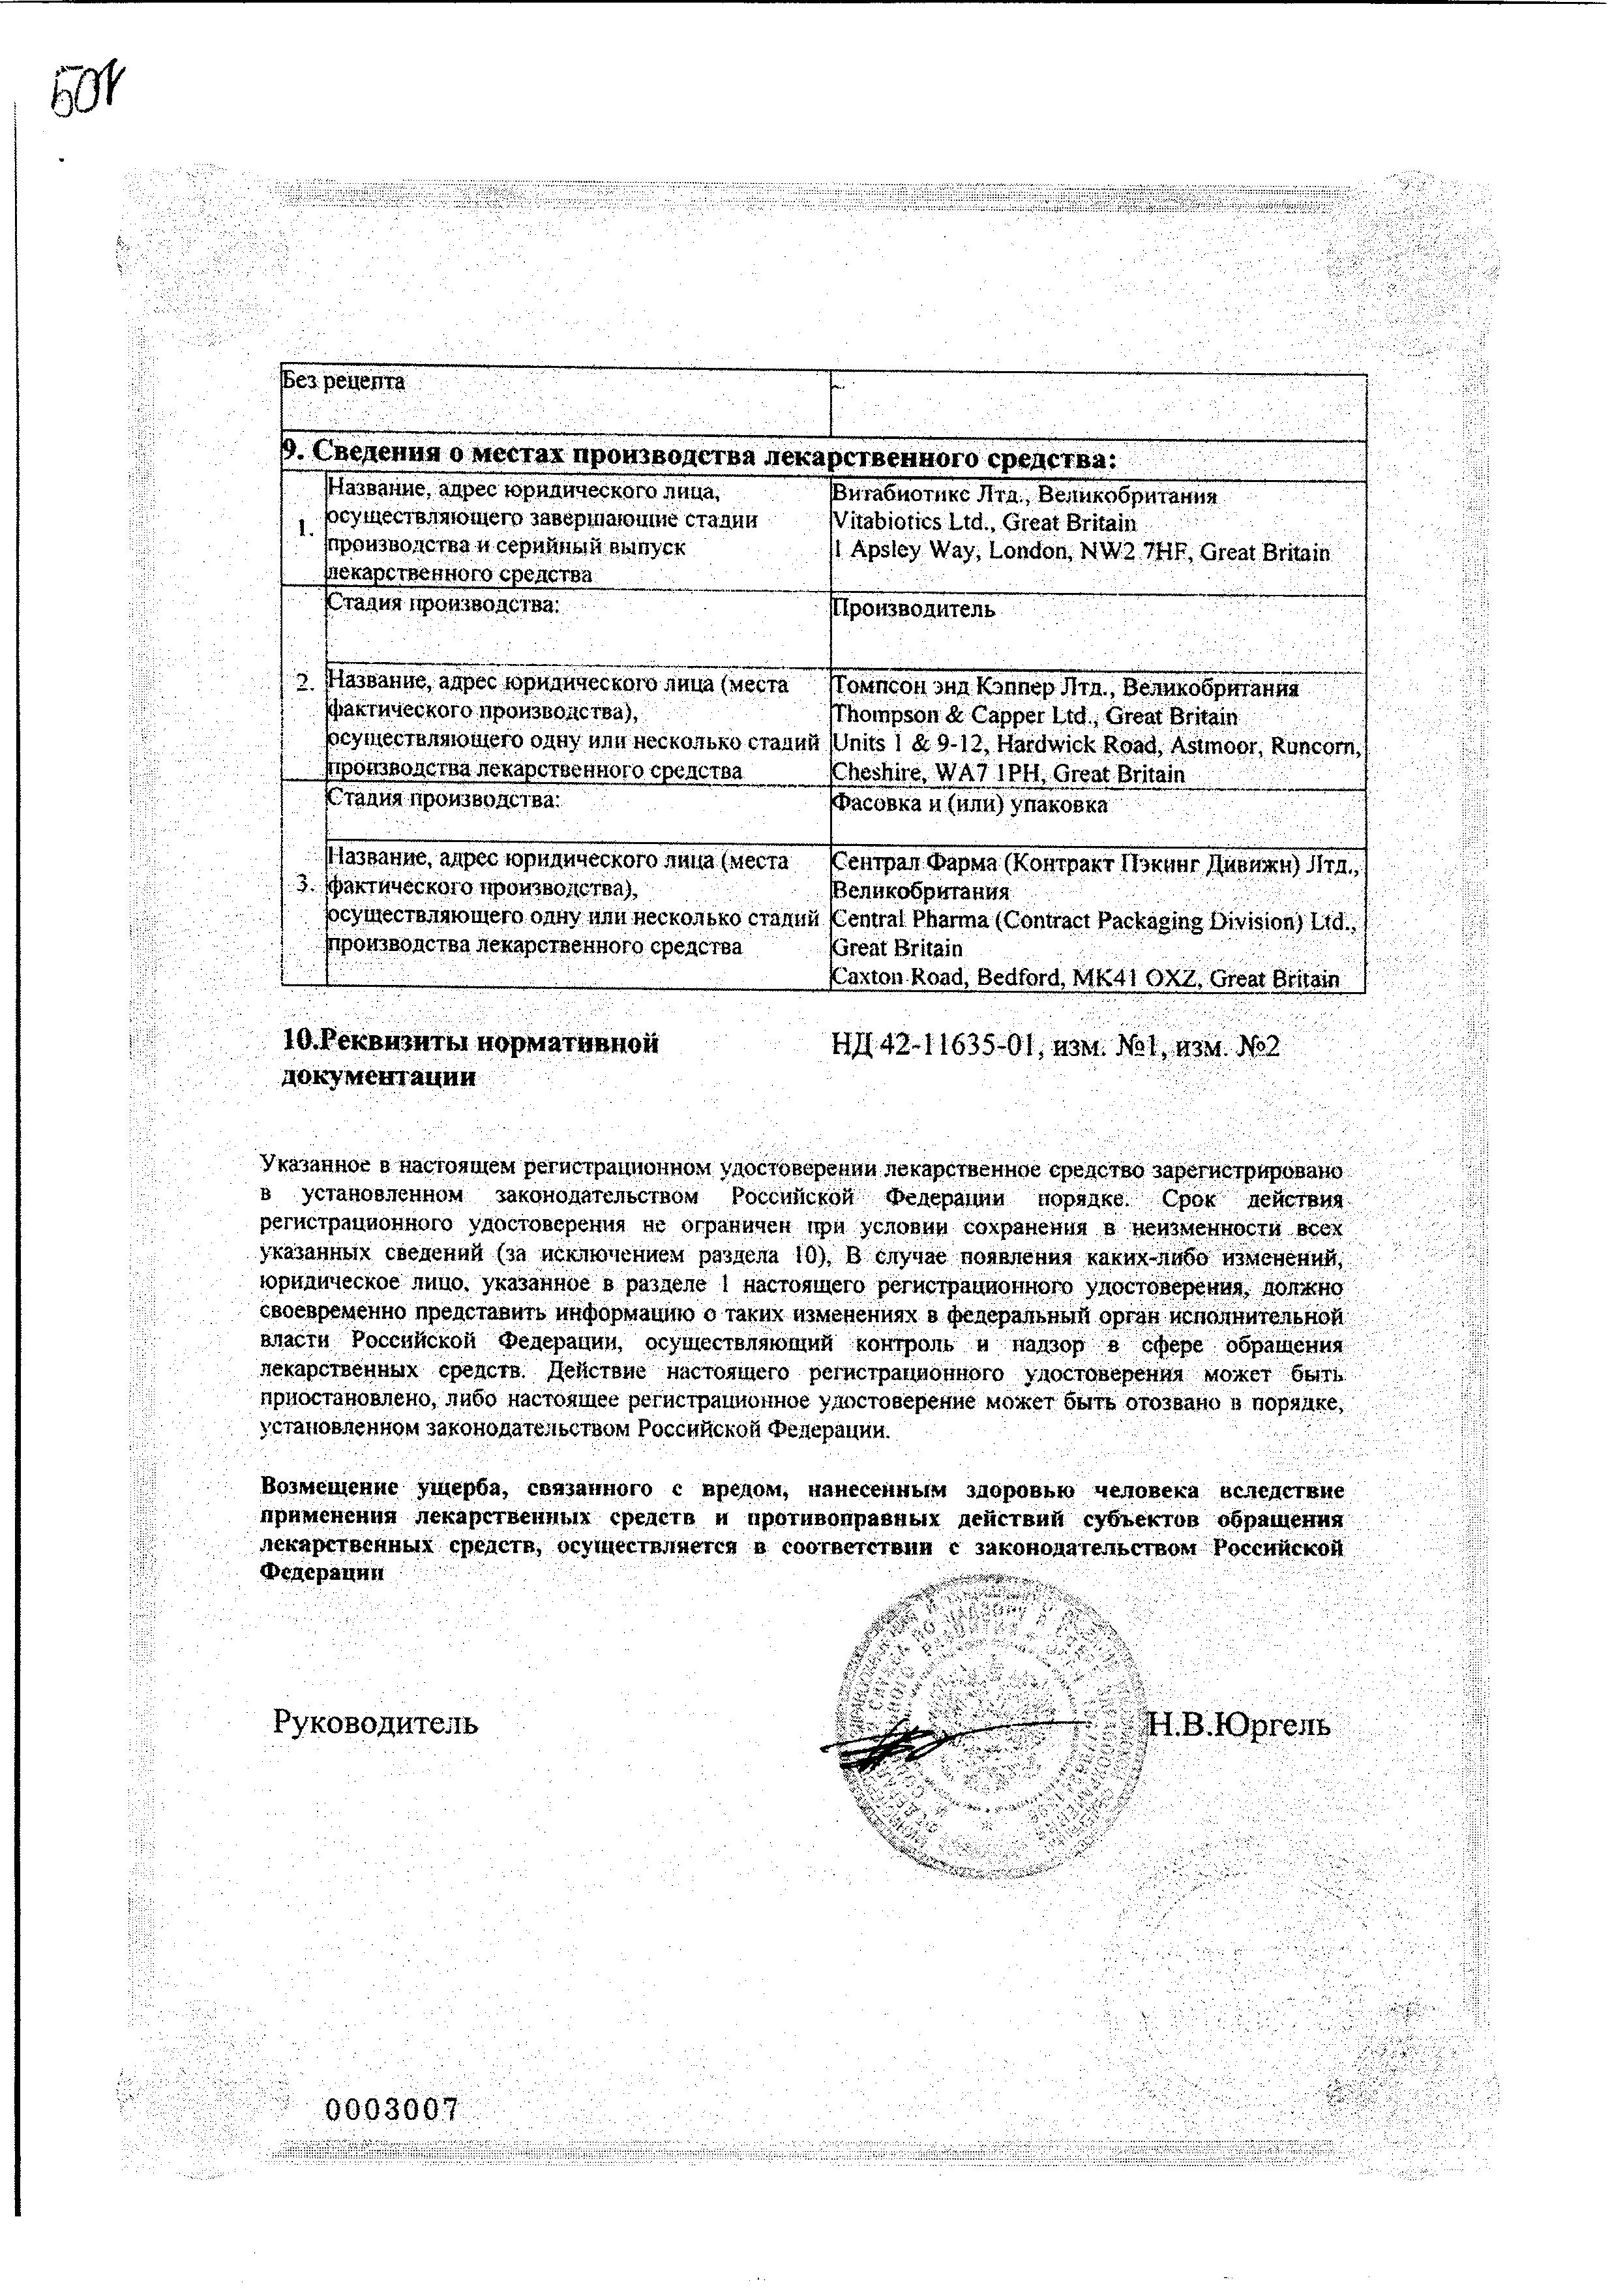 Велмен сертификат